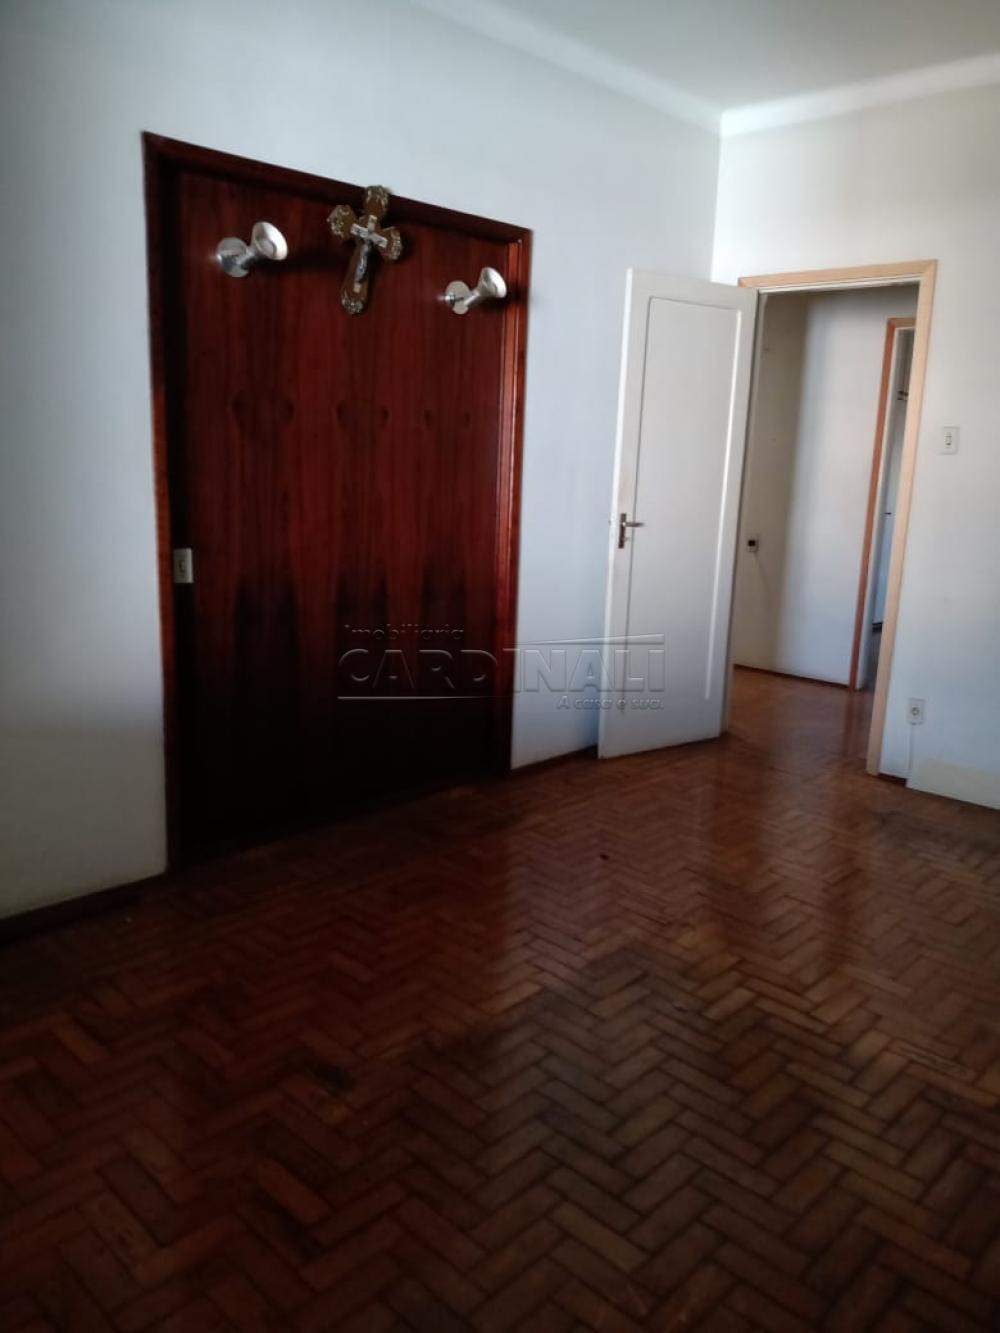 Comprar Casa / Padrão em São Carlos R$ 450.000,00 - Foto 8